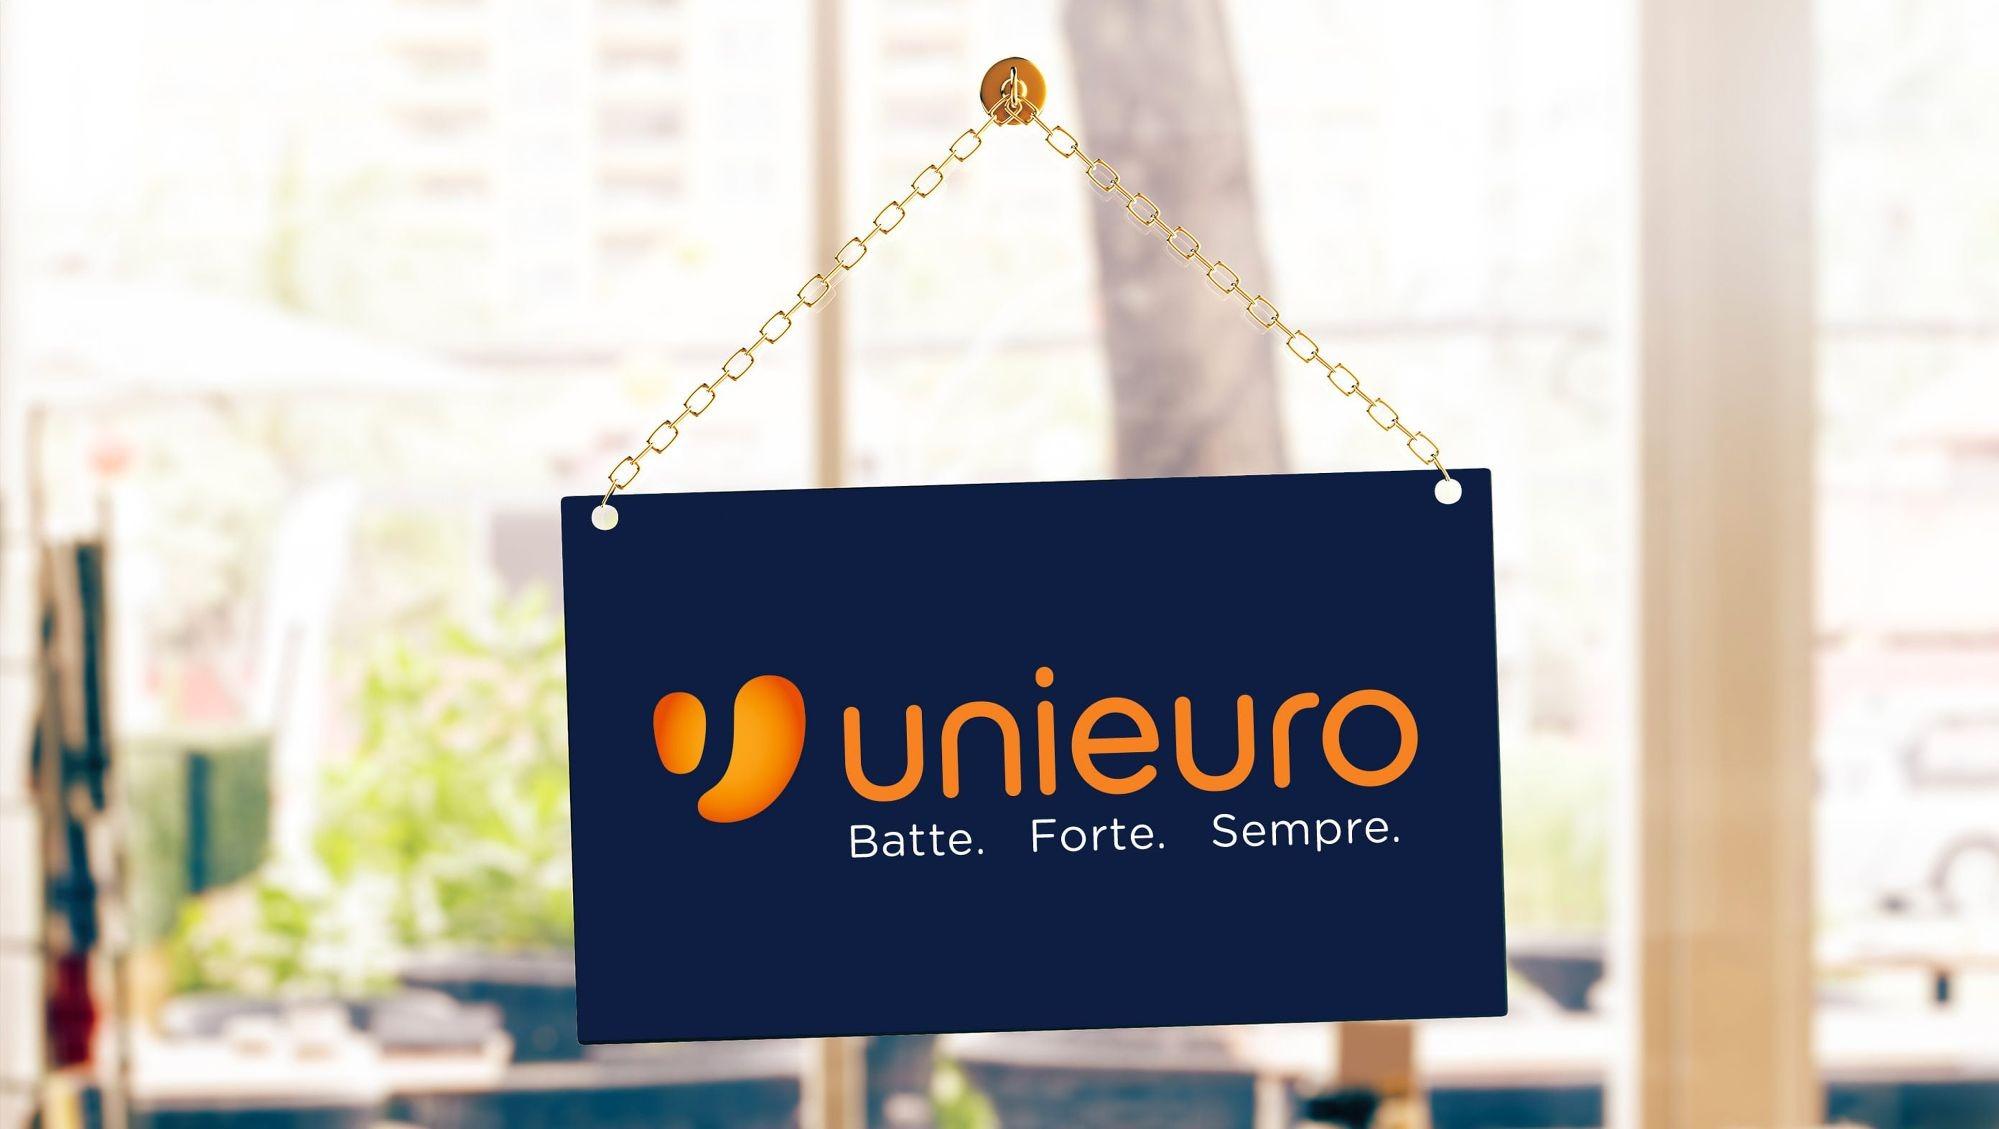 Si amplia la rete Unieuro in Sardegna